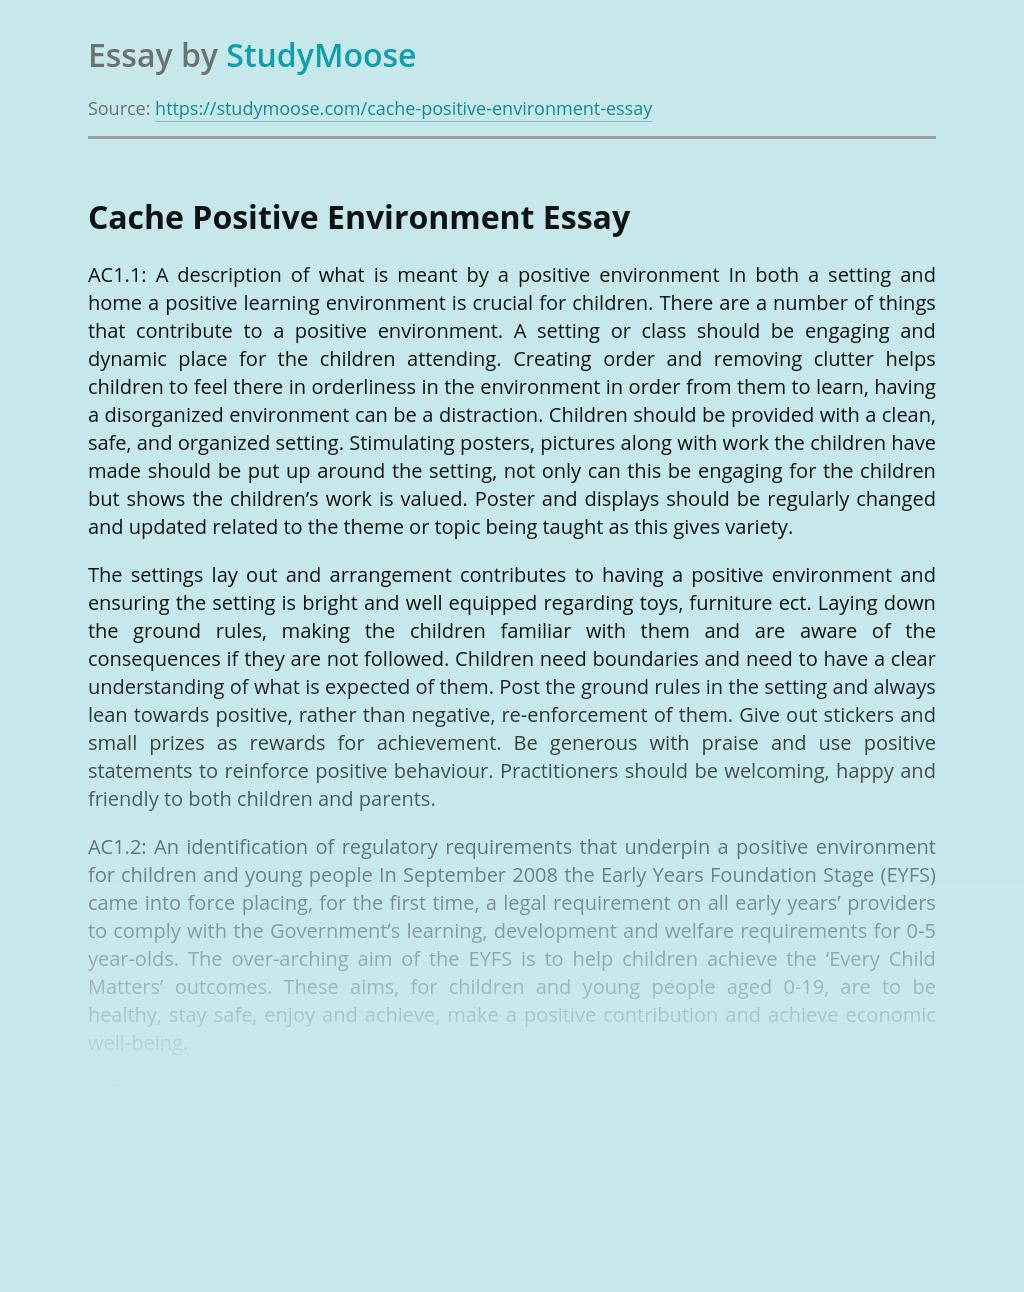 Cache Positive Environment